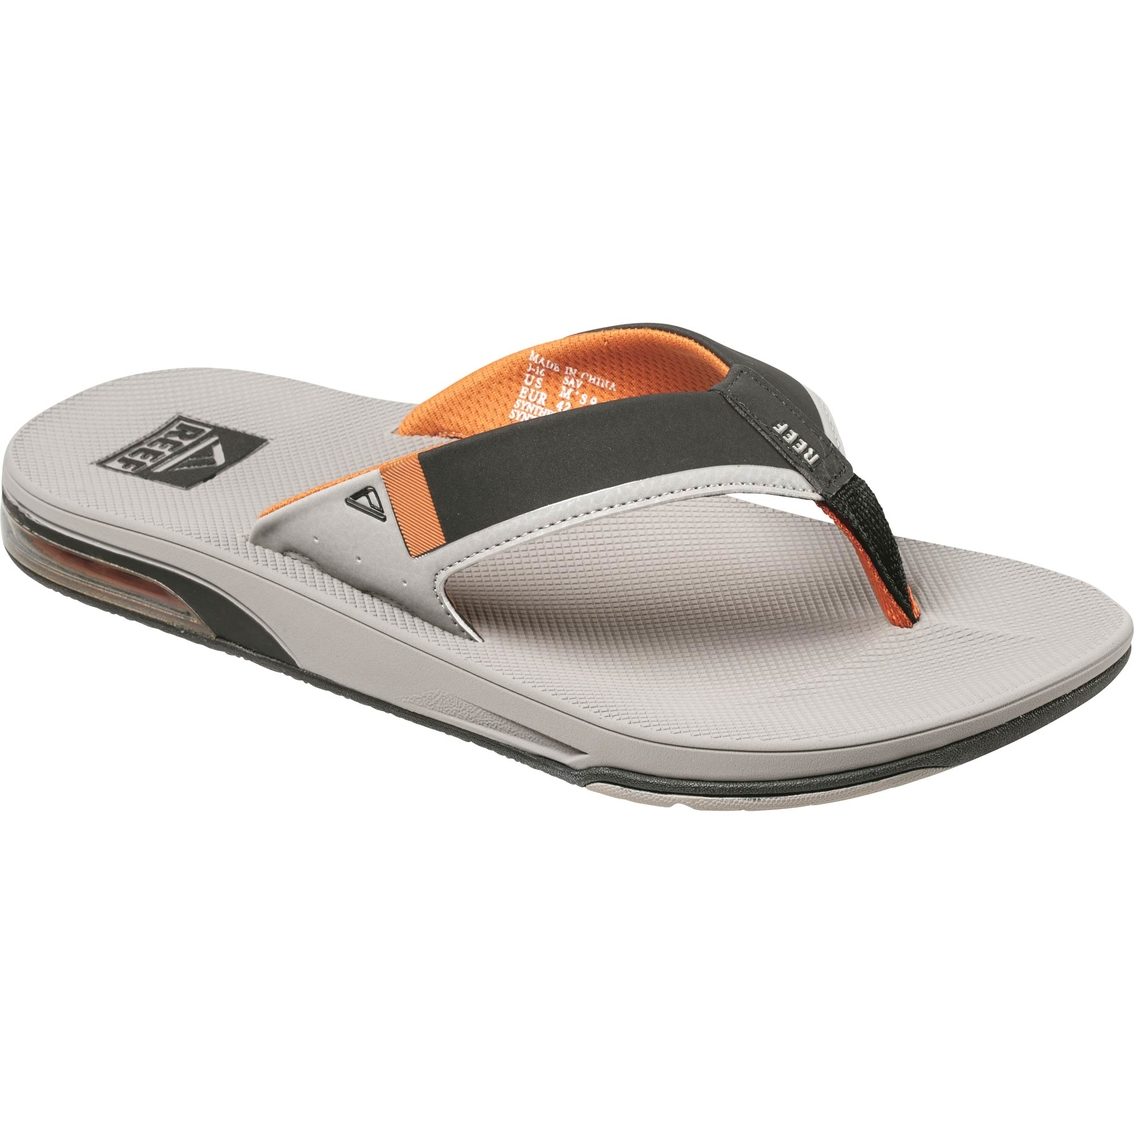 938d45d9fbd Reef Men s Fanning Low Sandals